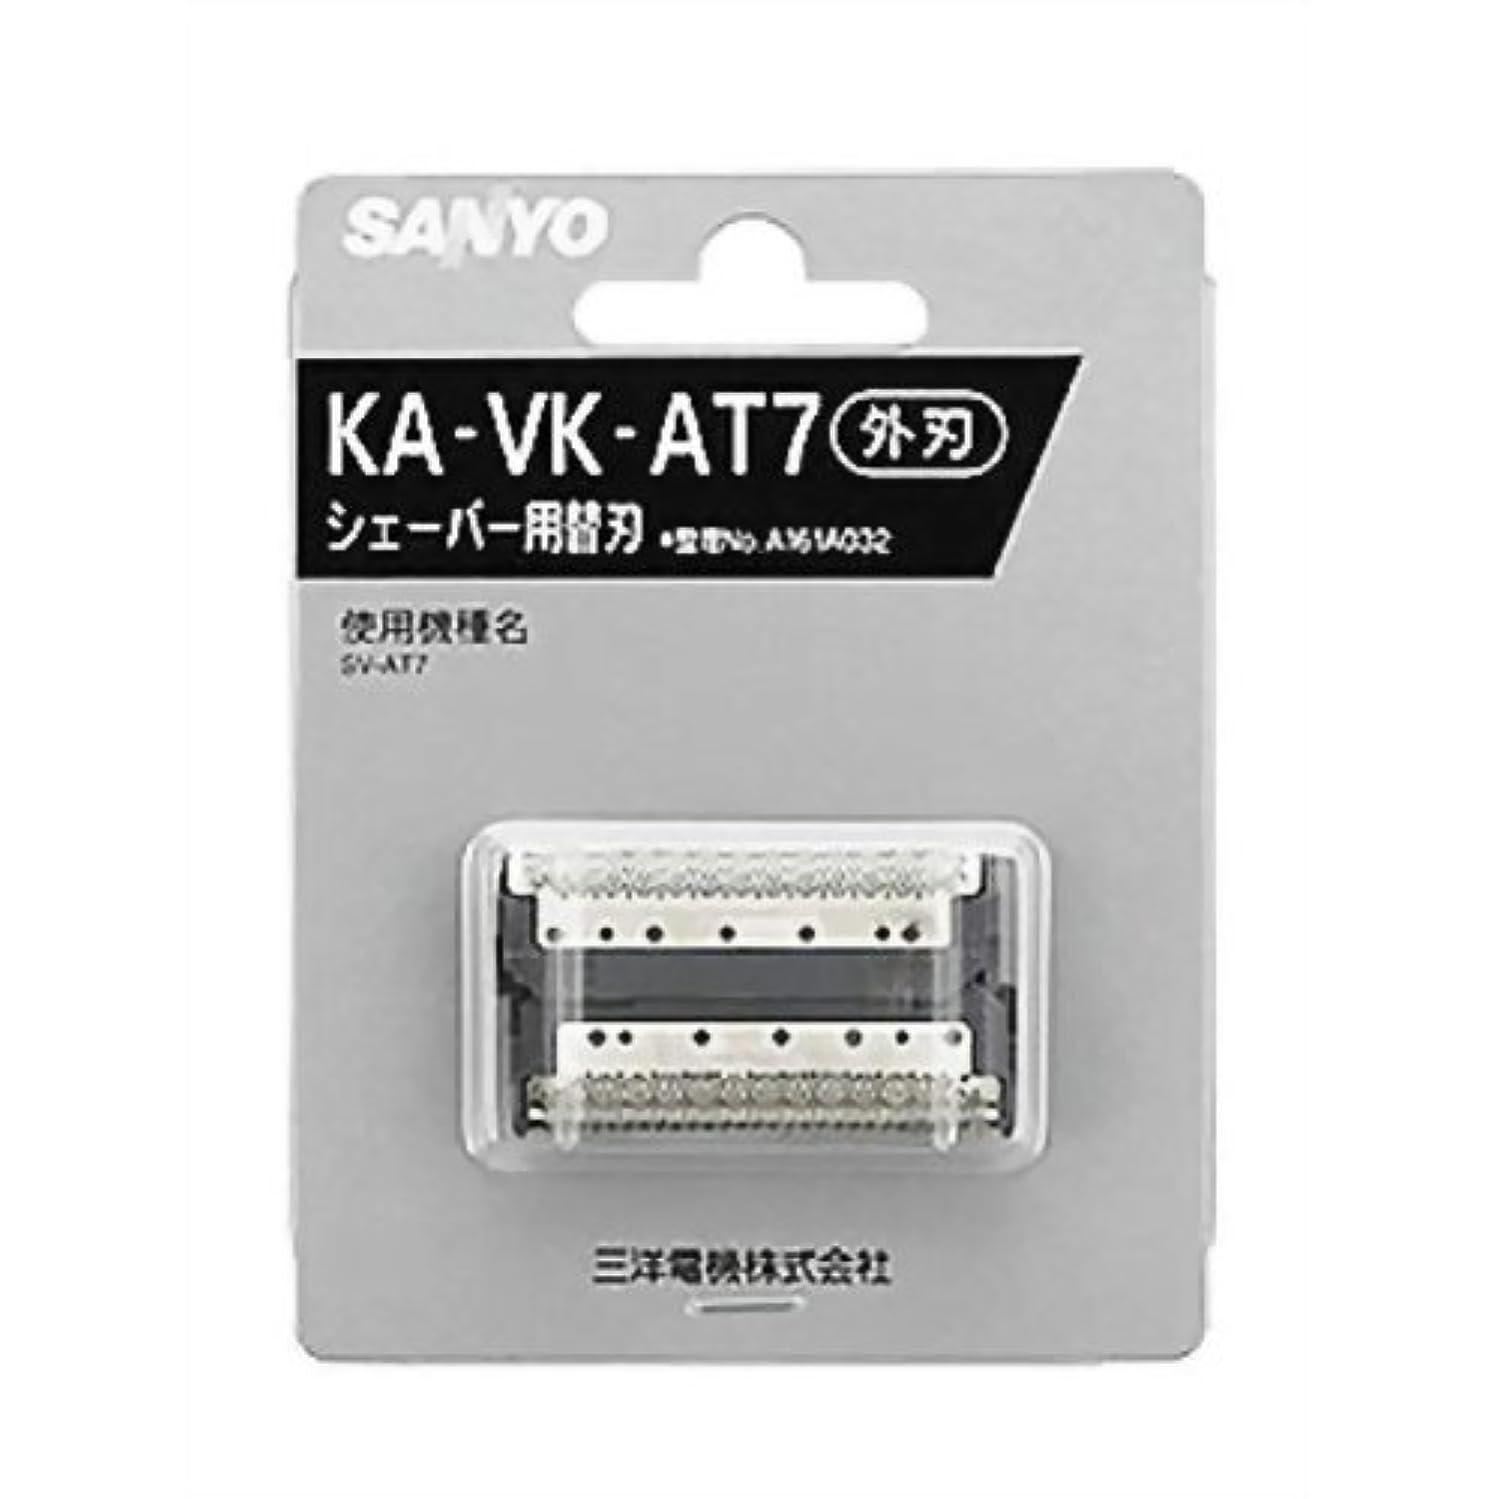 ゲートウェイドラフト電圧SANYO メンズシェーバー替刃(外刃) KA-VK-AT7